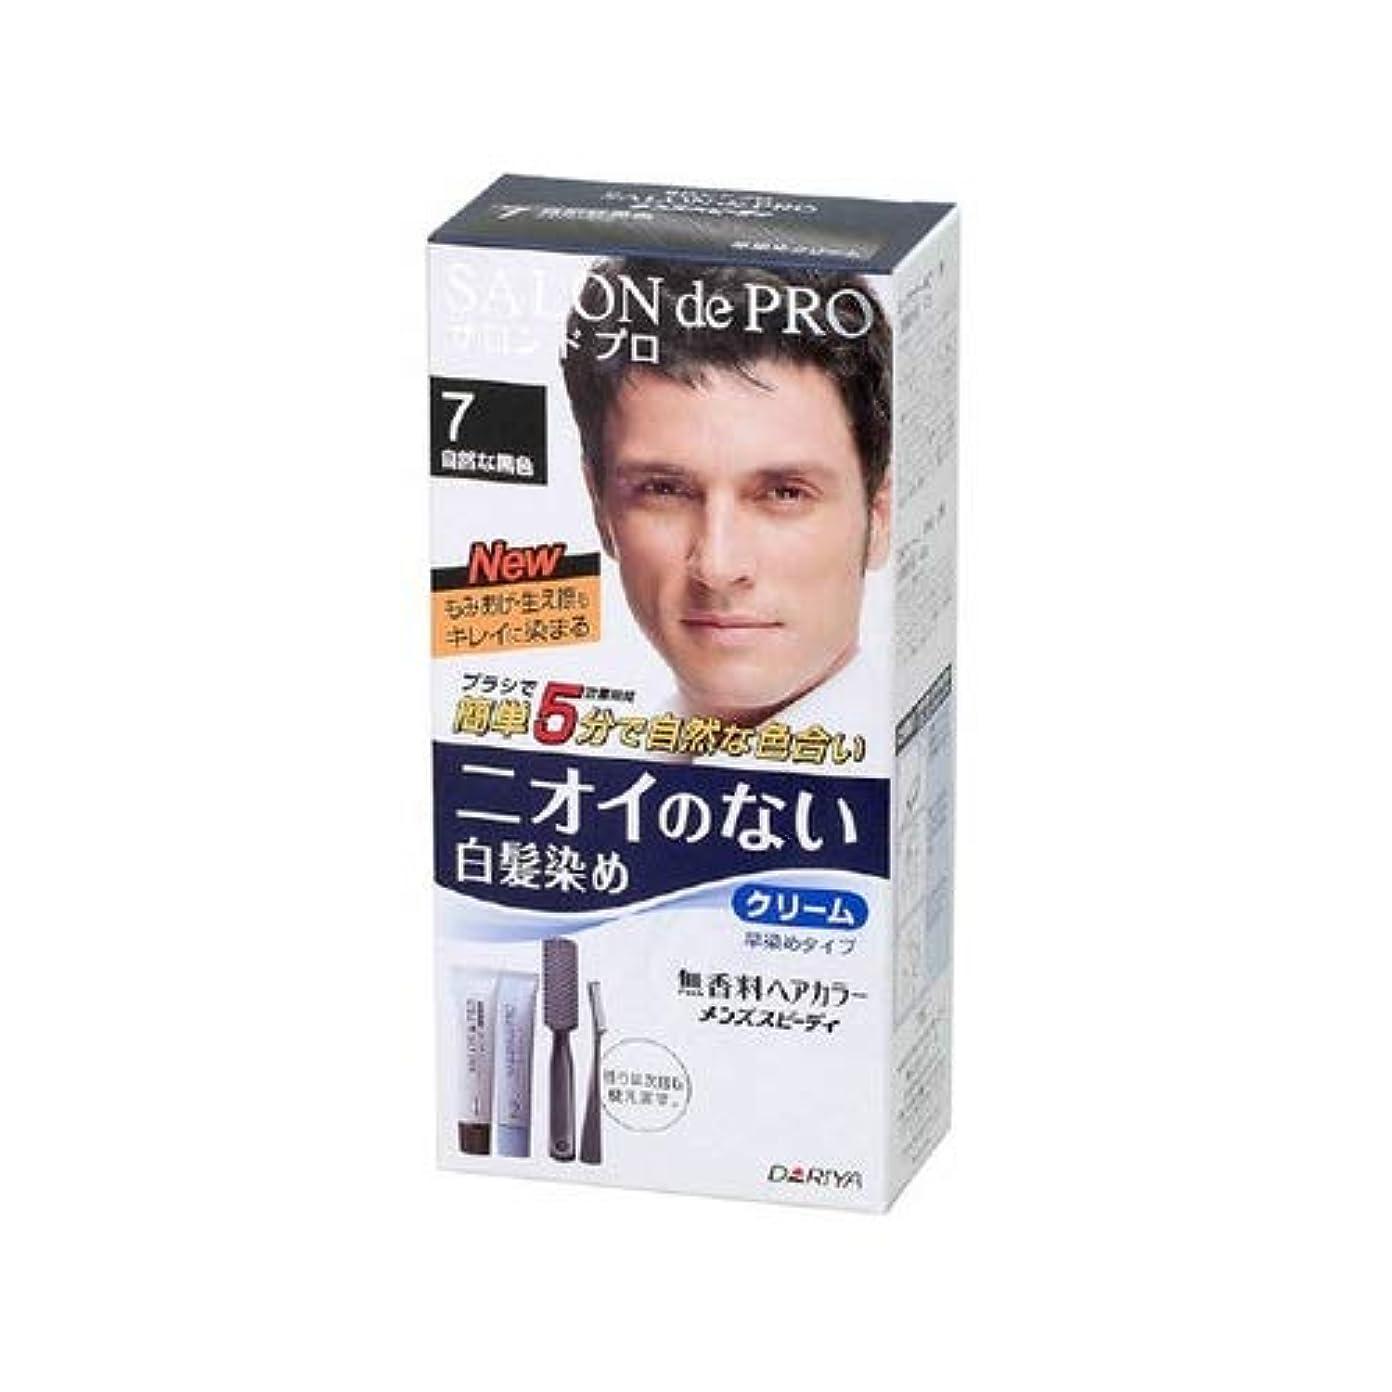 無駄なしなやかなマウスピース【ダリヤ】 サロンドプロ 無香料ヘアカラー メンズスピーディー(白髪用) 7 自然な黒色